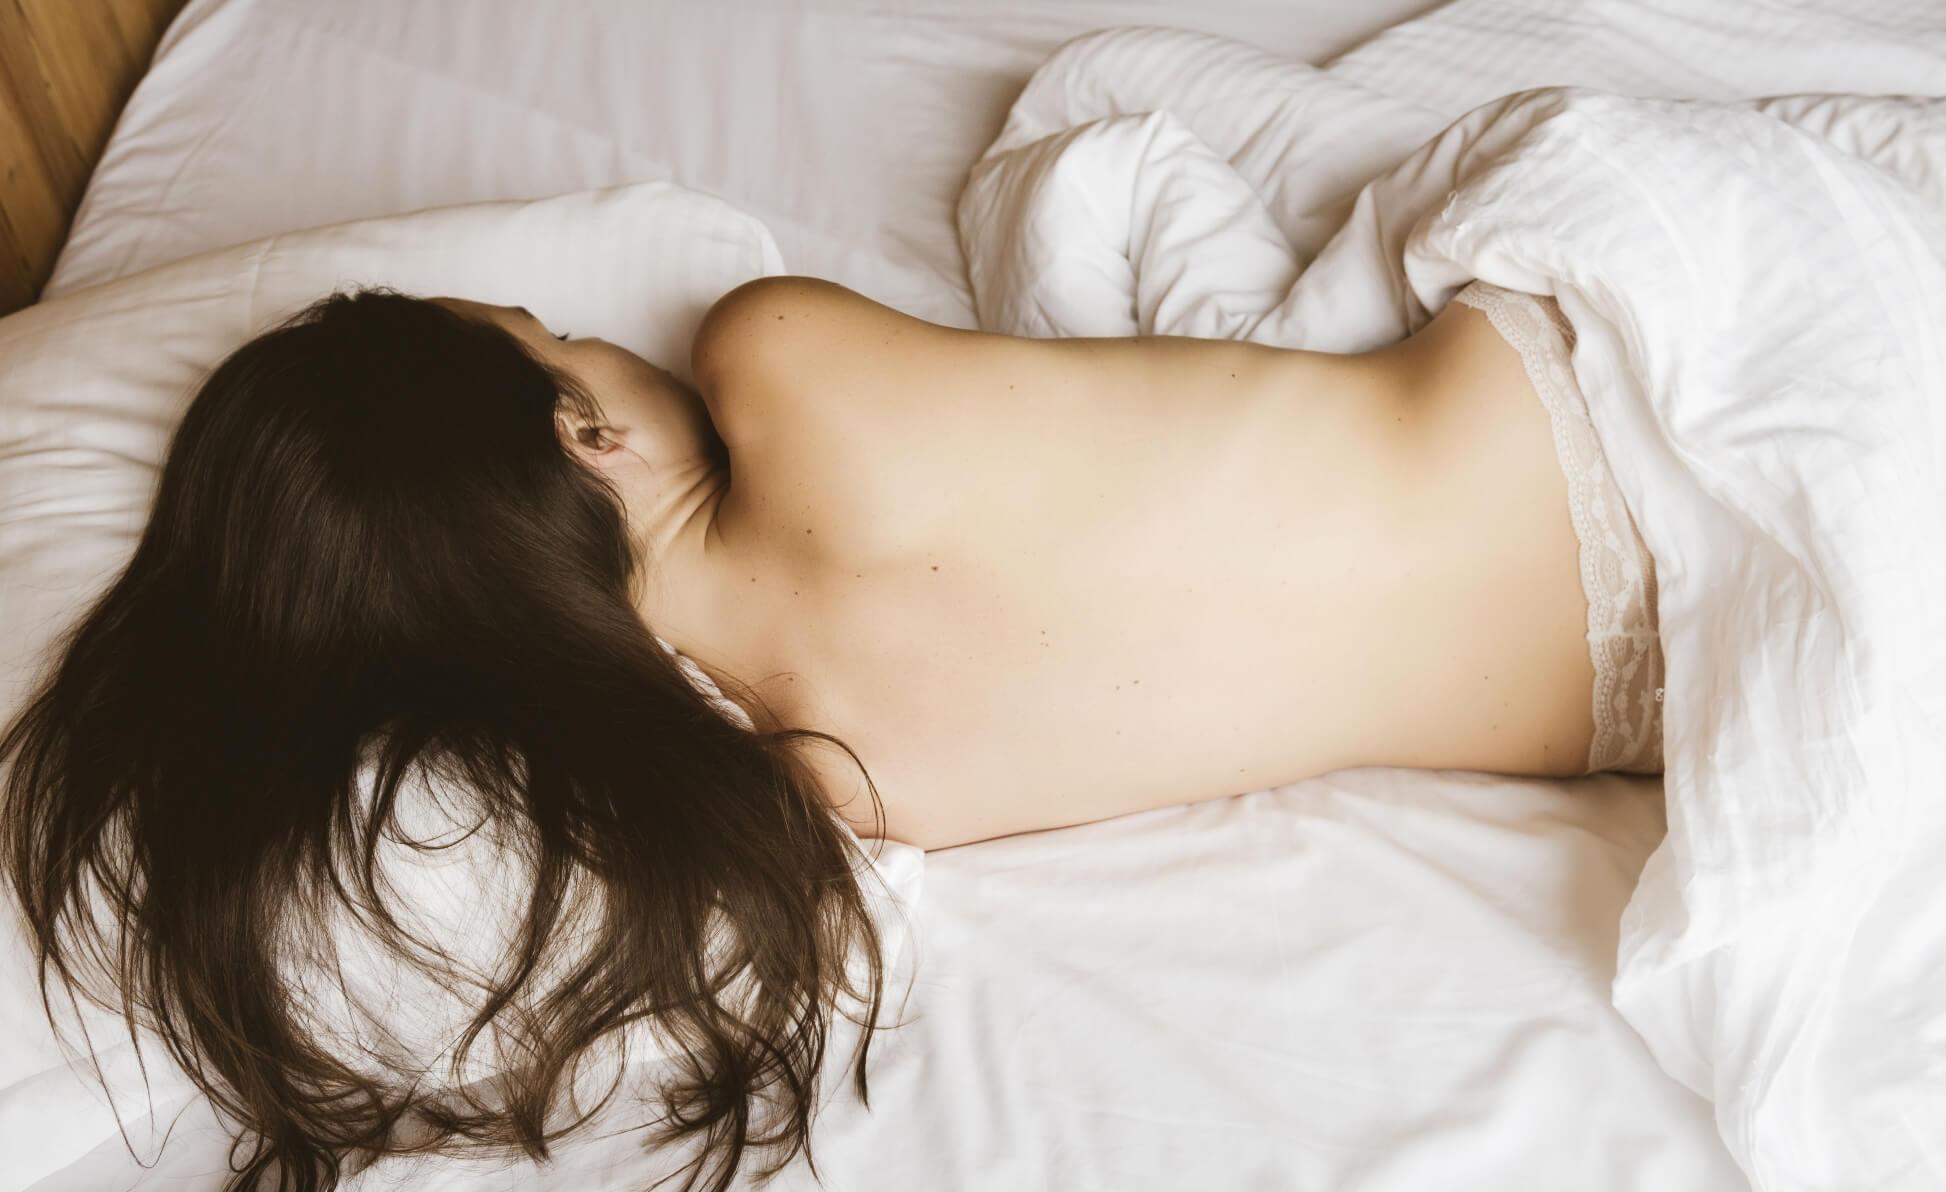 Гола жінка уві сні